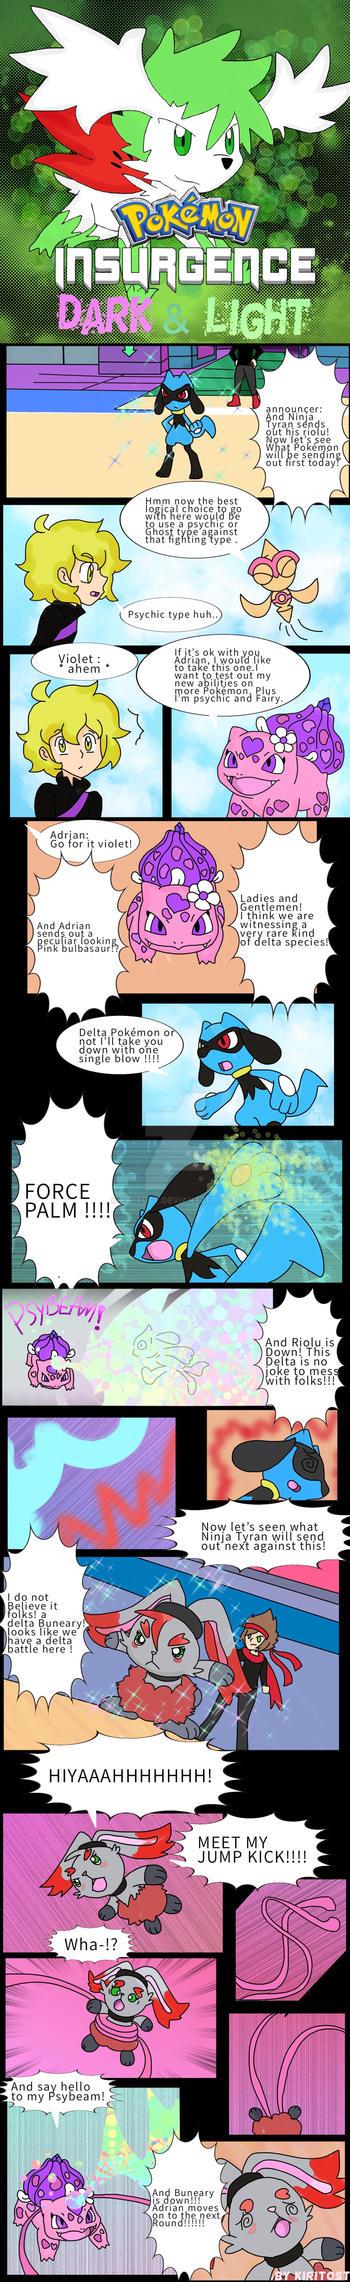 Pokemon Insurgence Dark and Light DD chpt2 pg.4